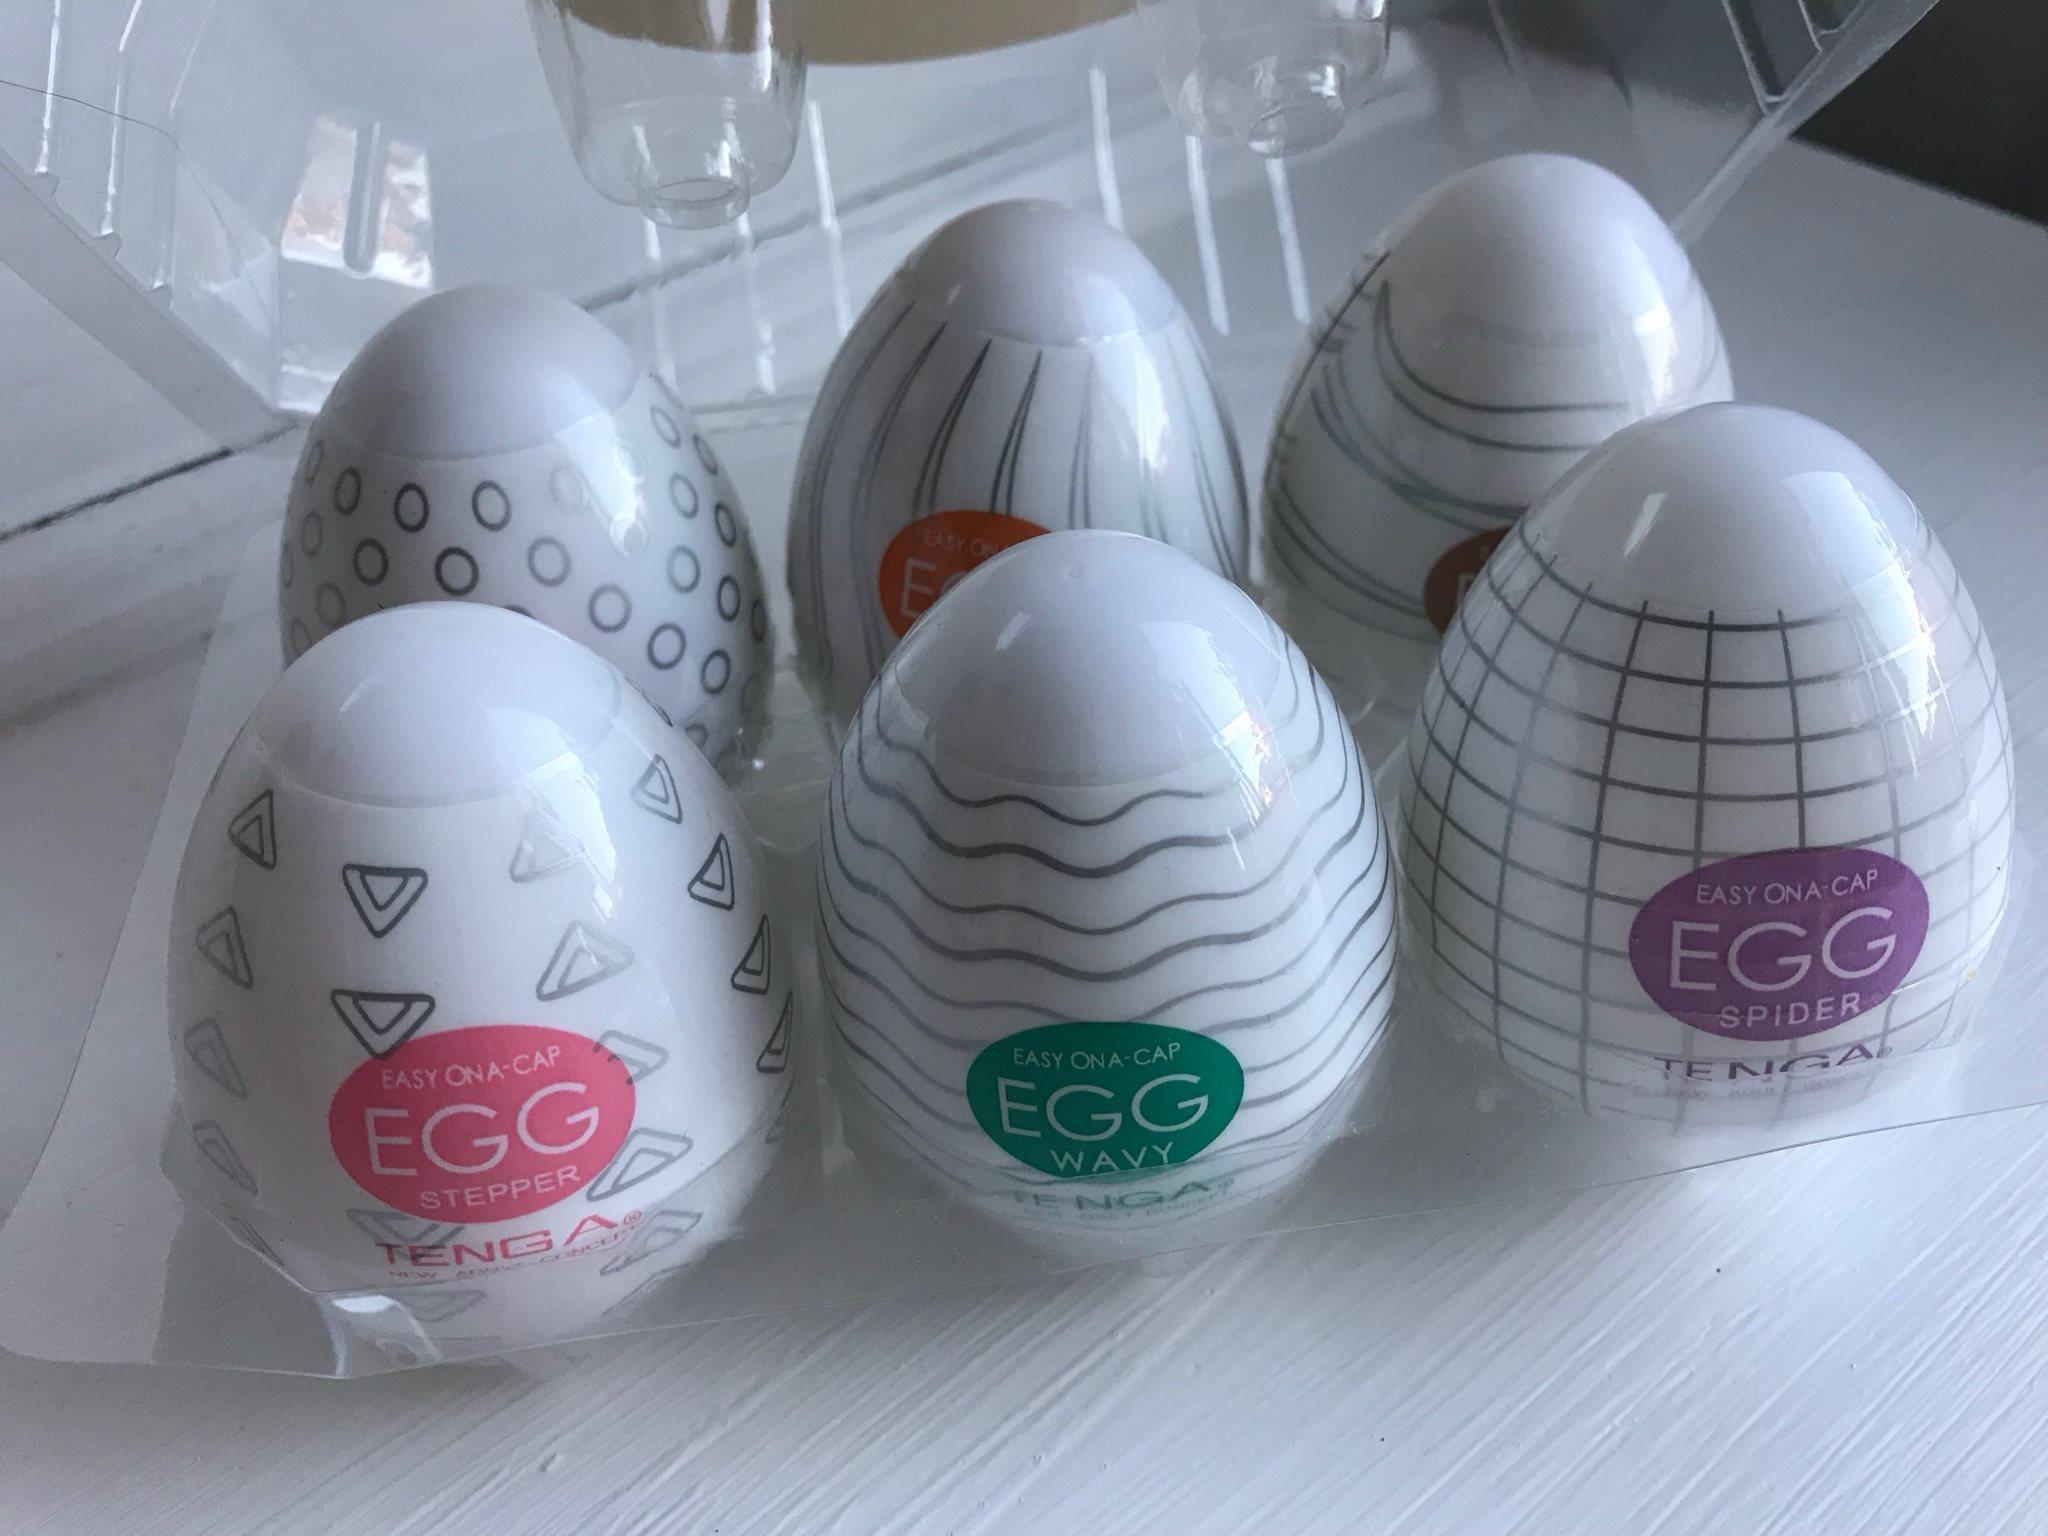 Tenga Gg 6 Pack 311905665 Kp P Tradera Egg Wavy